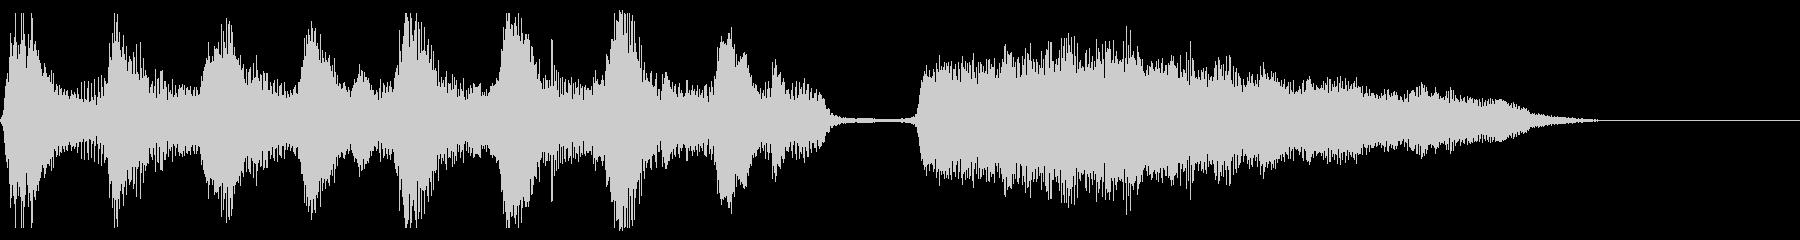 明るく楽しげな鍵盤ハーモニカのジングルの未再生の波形